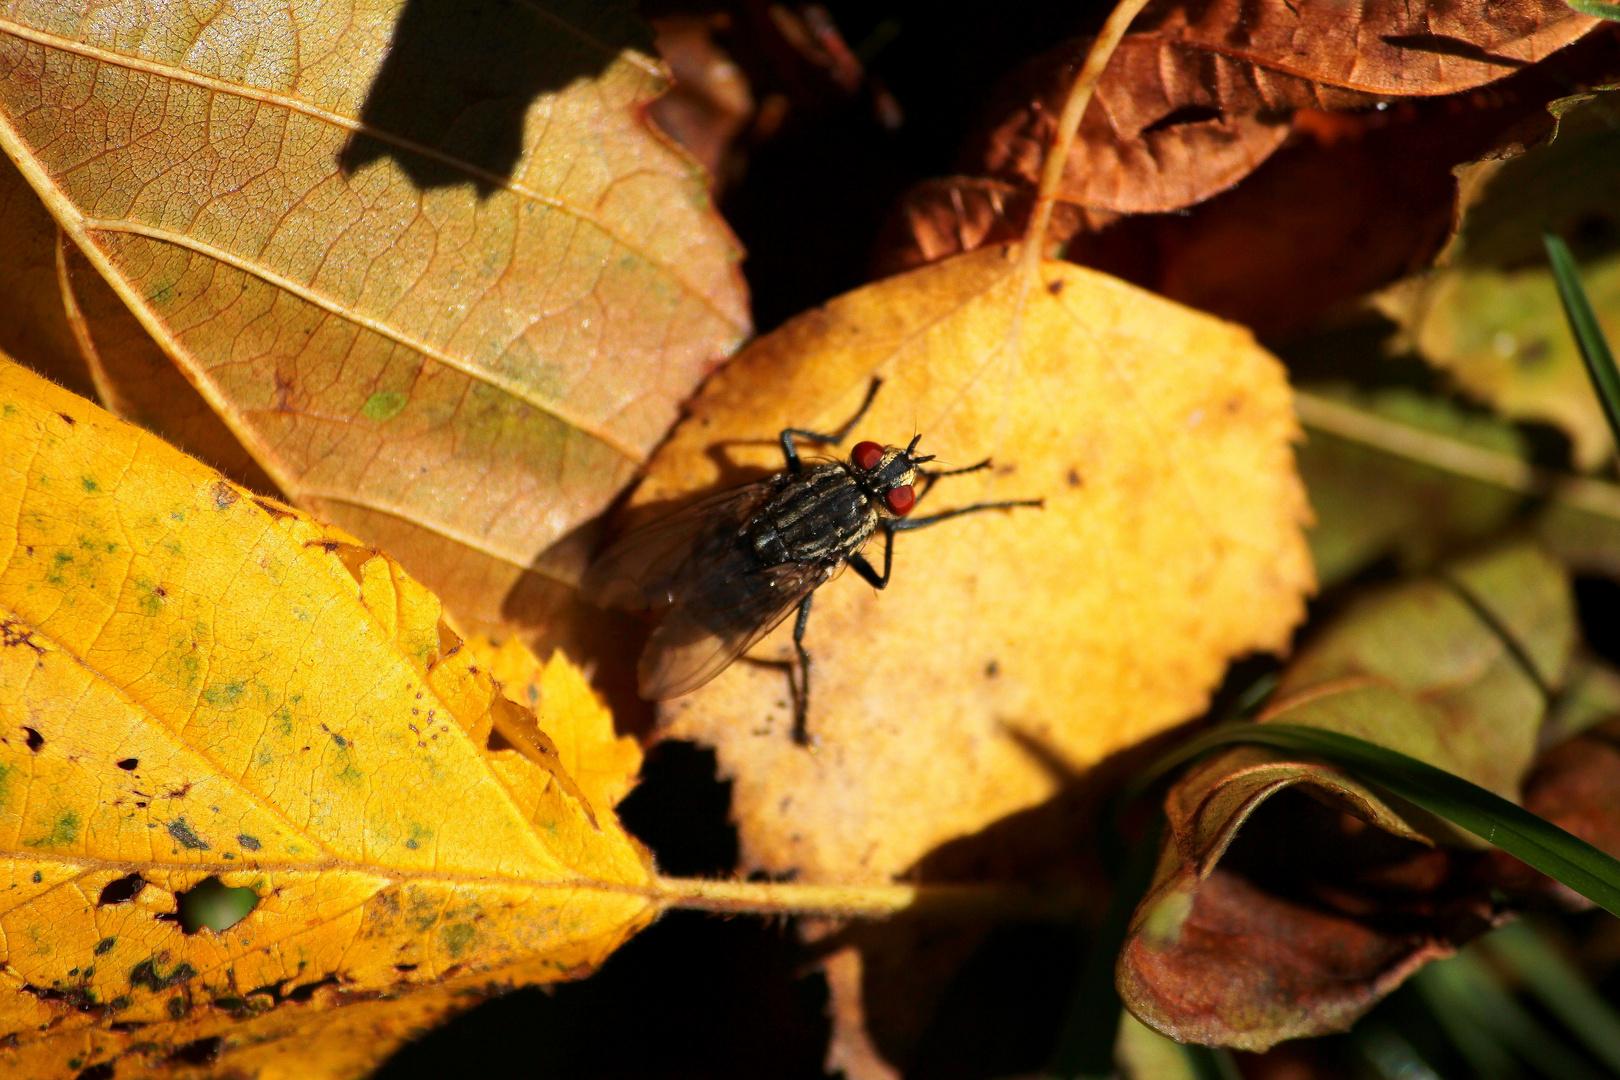 Fliege genießt die Sonne im goldenen Oktober